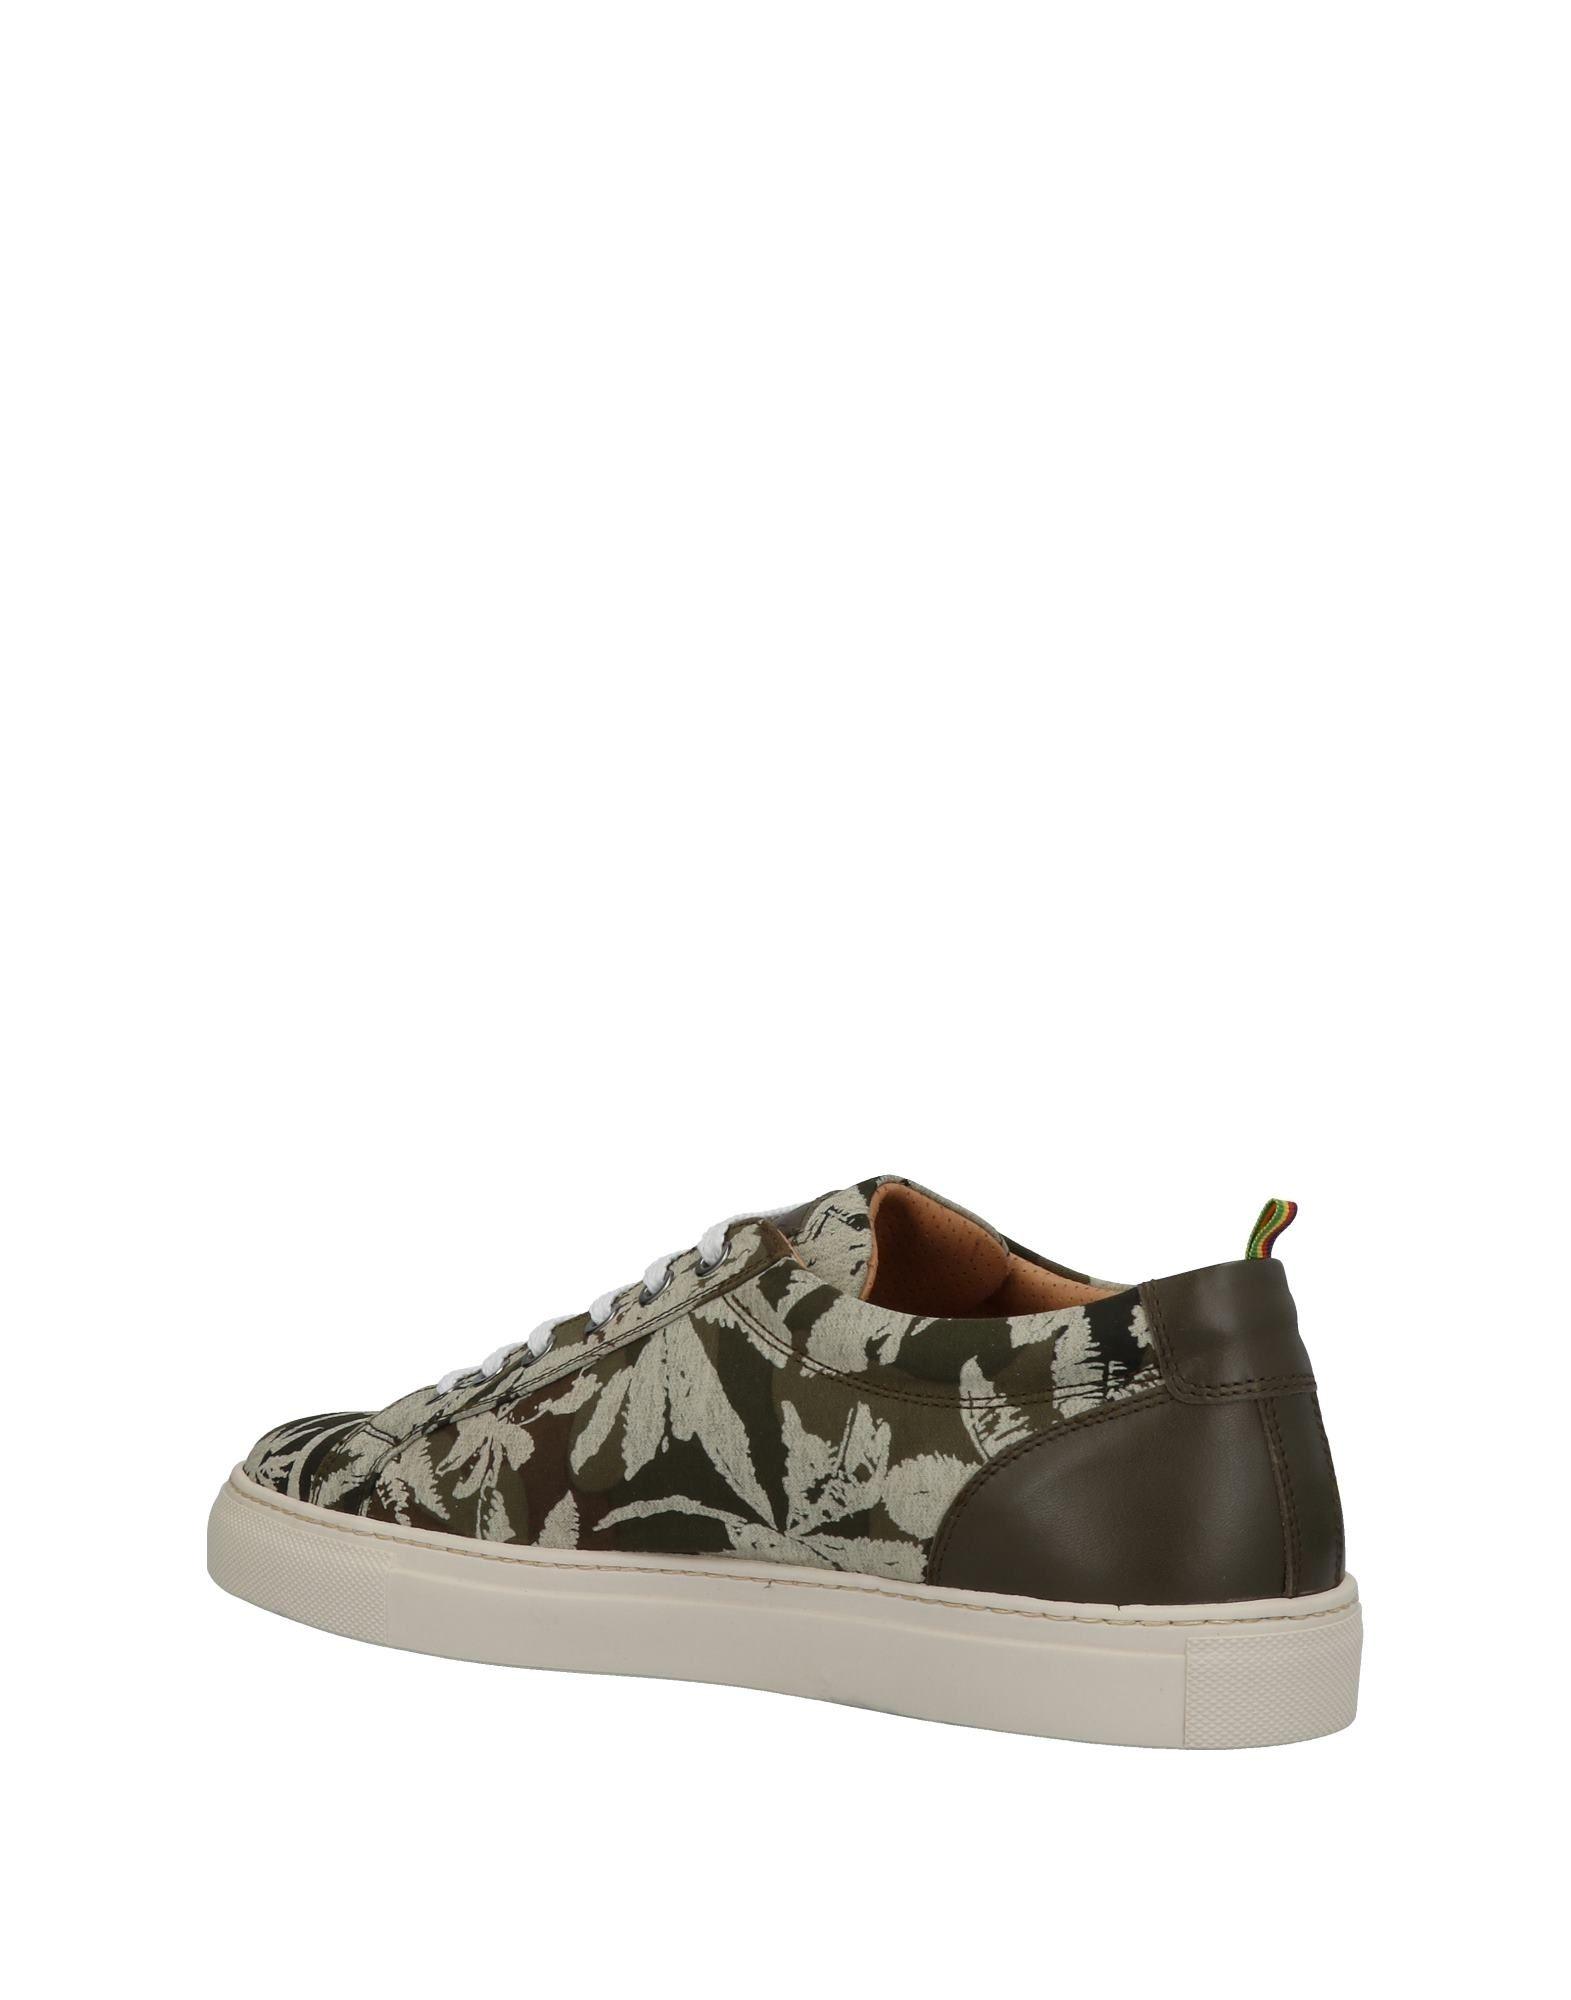 Rabatt echte Schuhe Herren Manuel Ritz Sneakers Herren Schuhe  11386855RV a19948